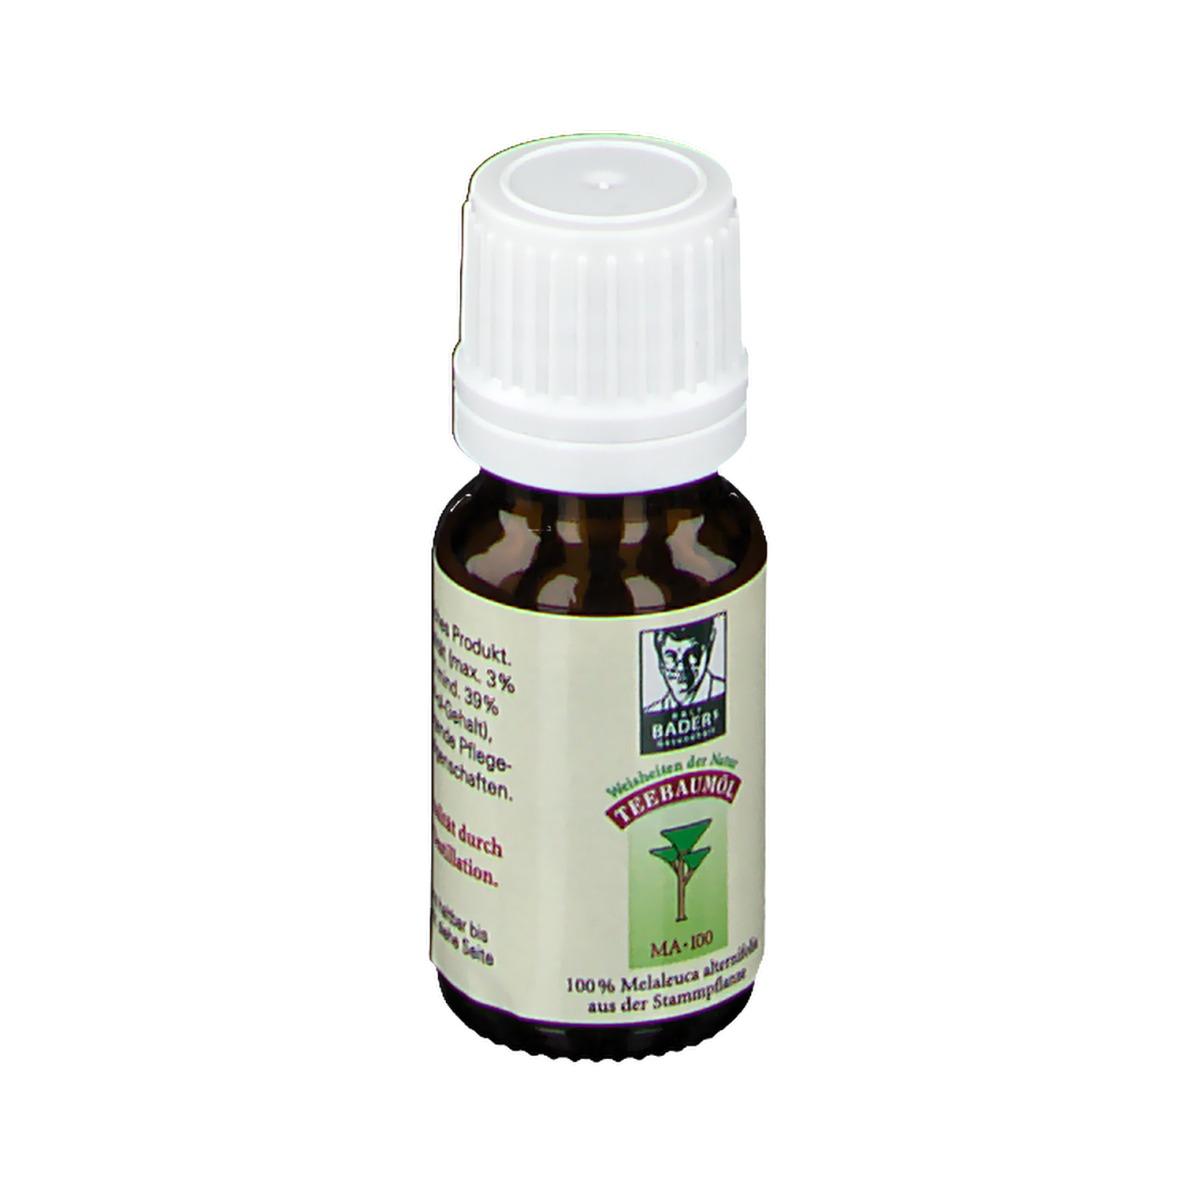 BADERs Teebaumöl AMAX MA-100